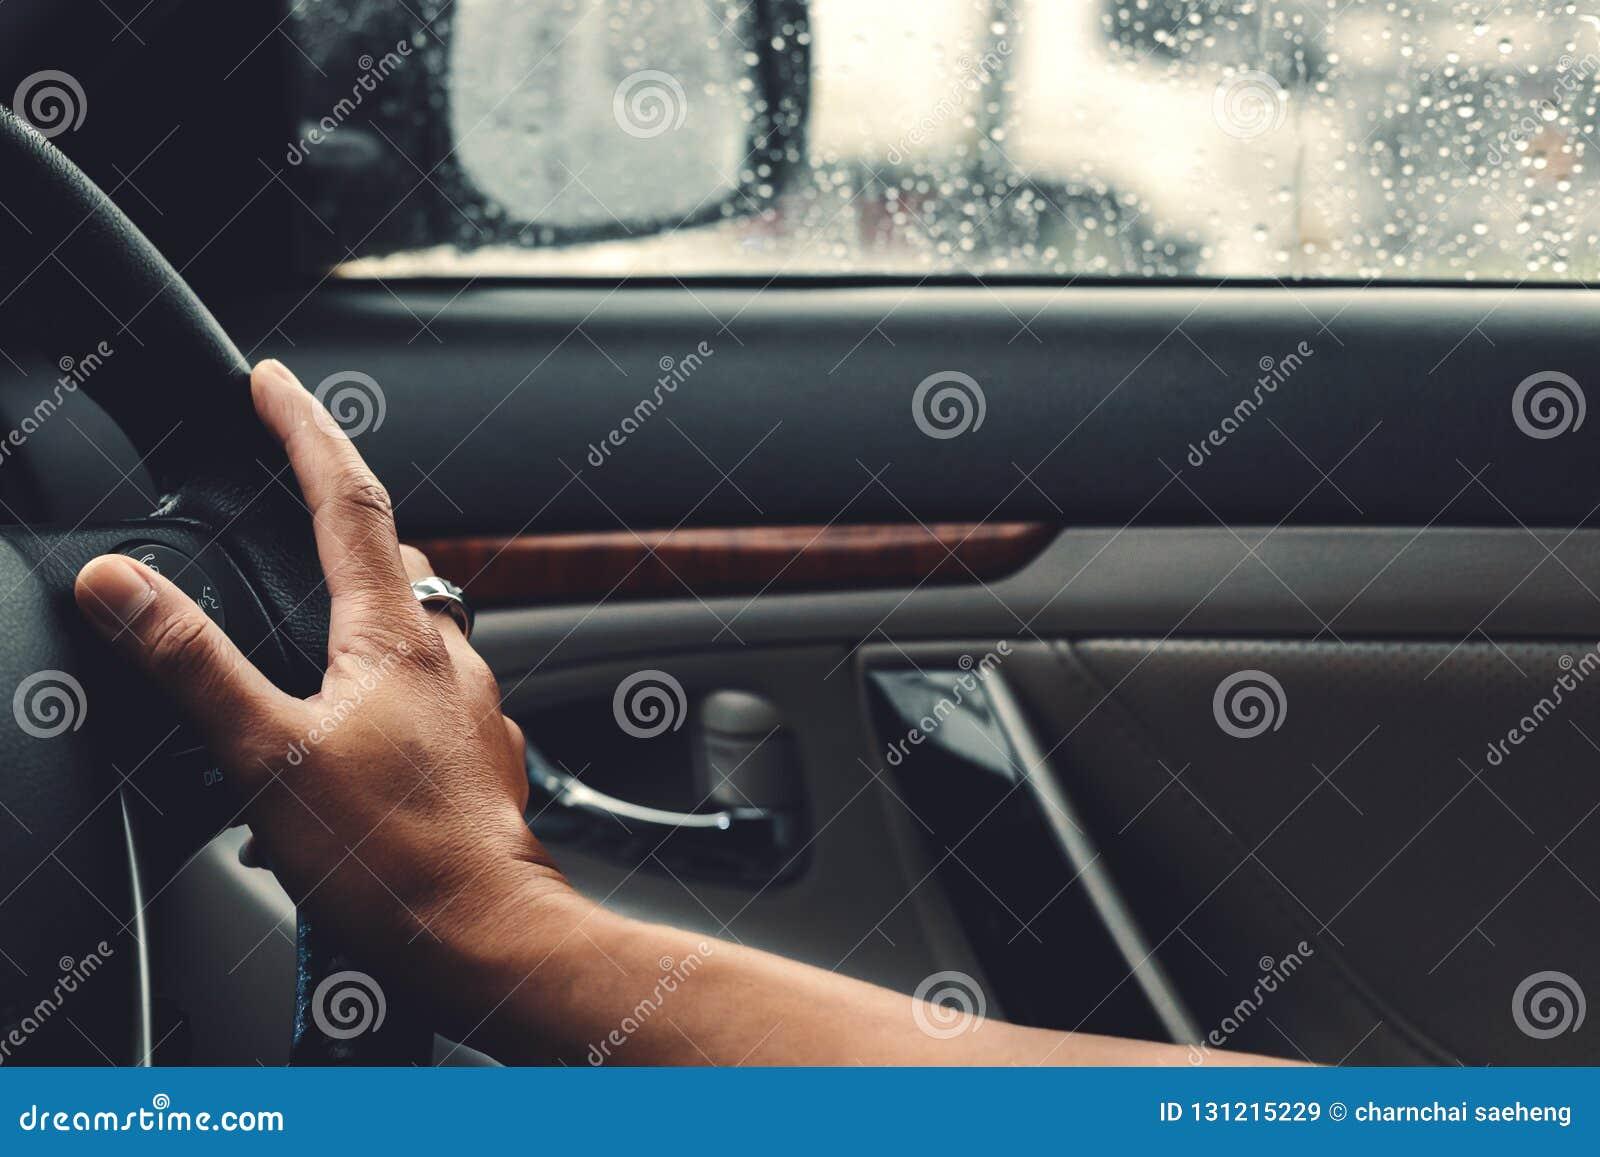 Zli warunek pogodowy na drodze w mieście - ulewa